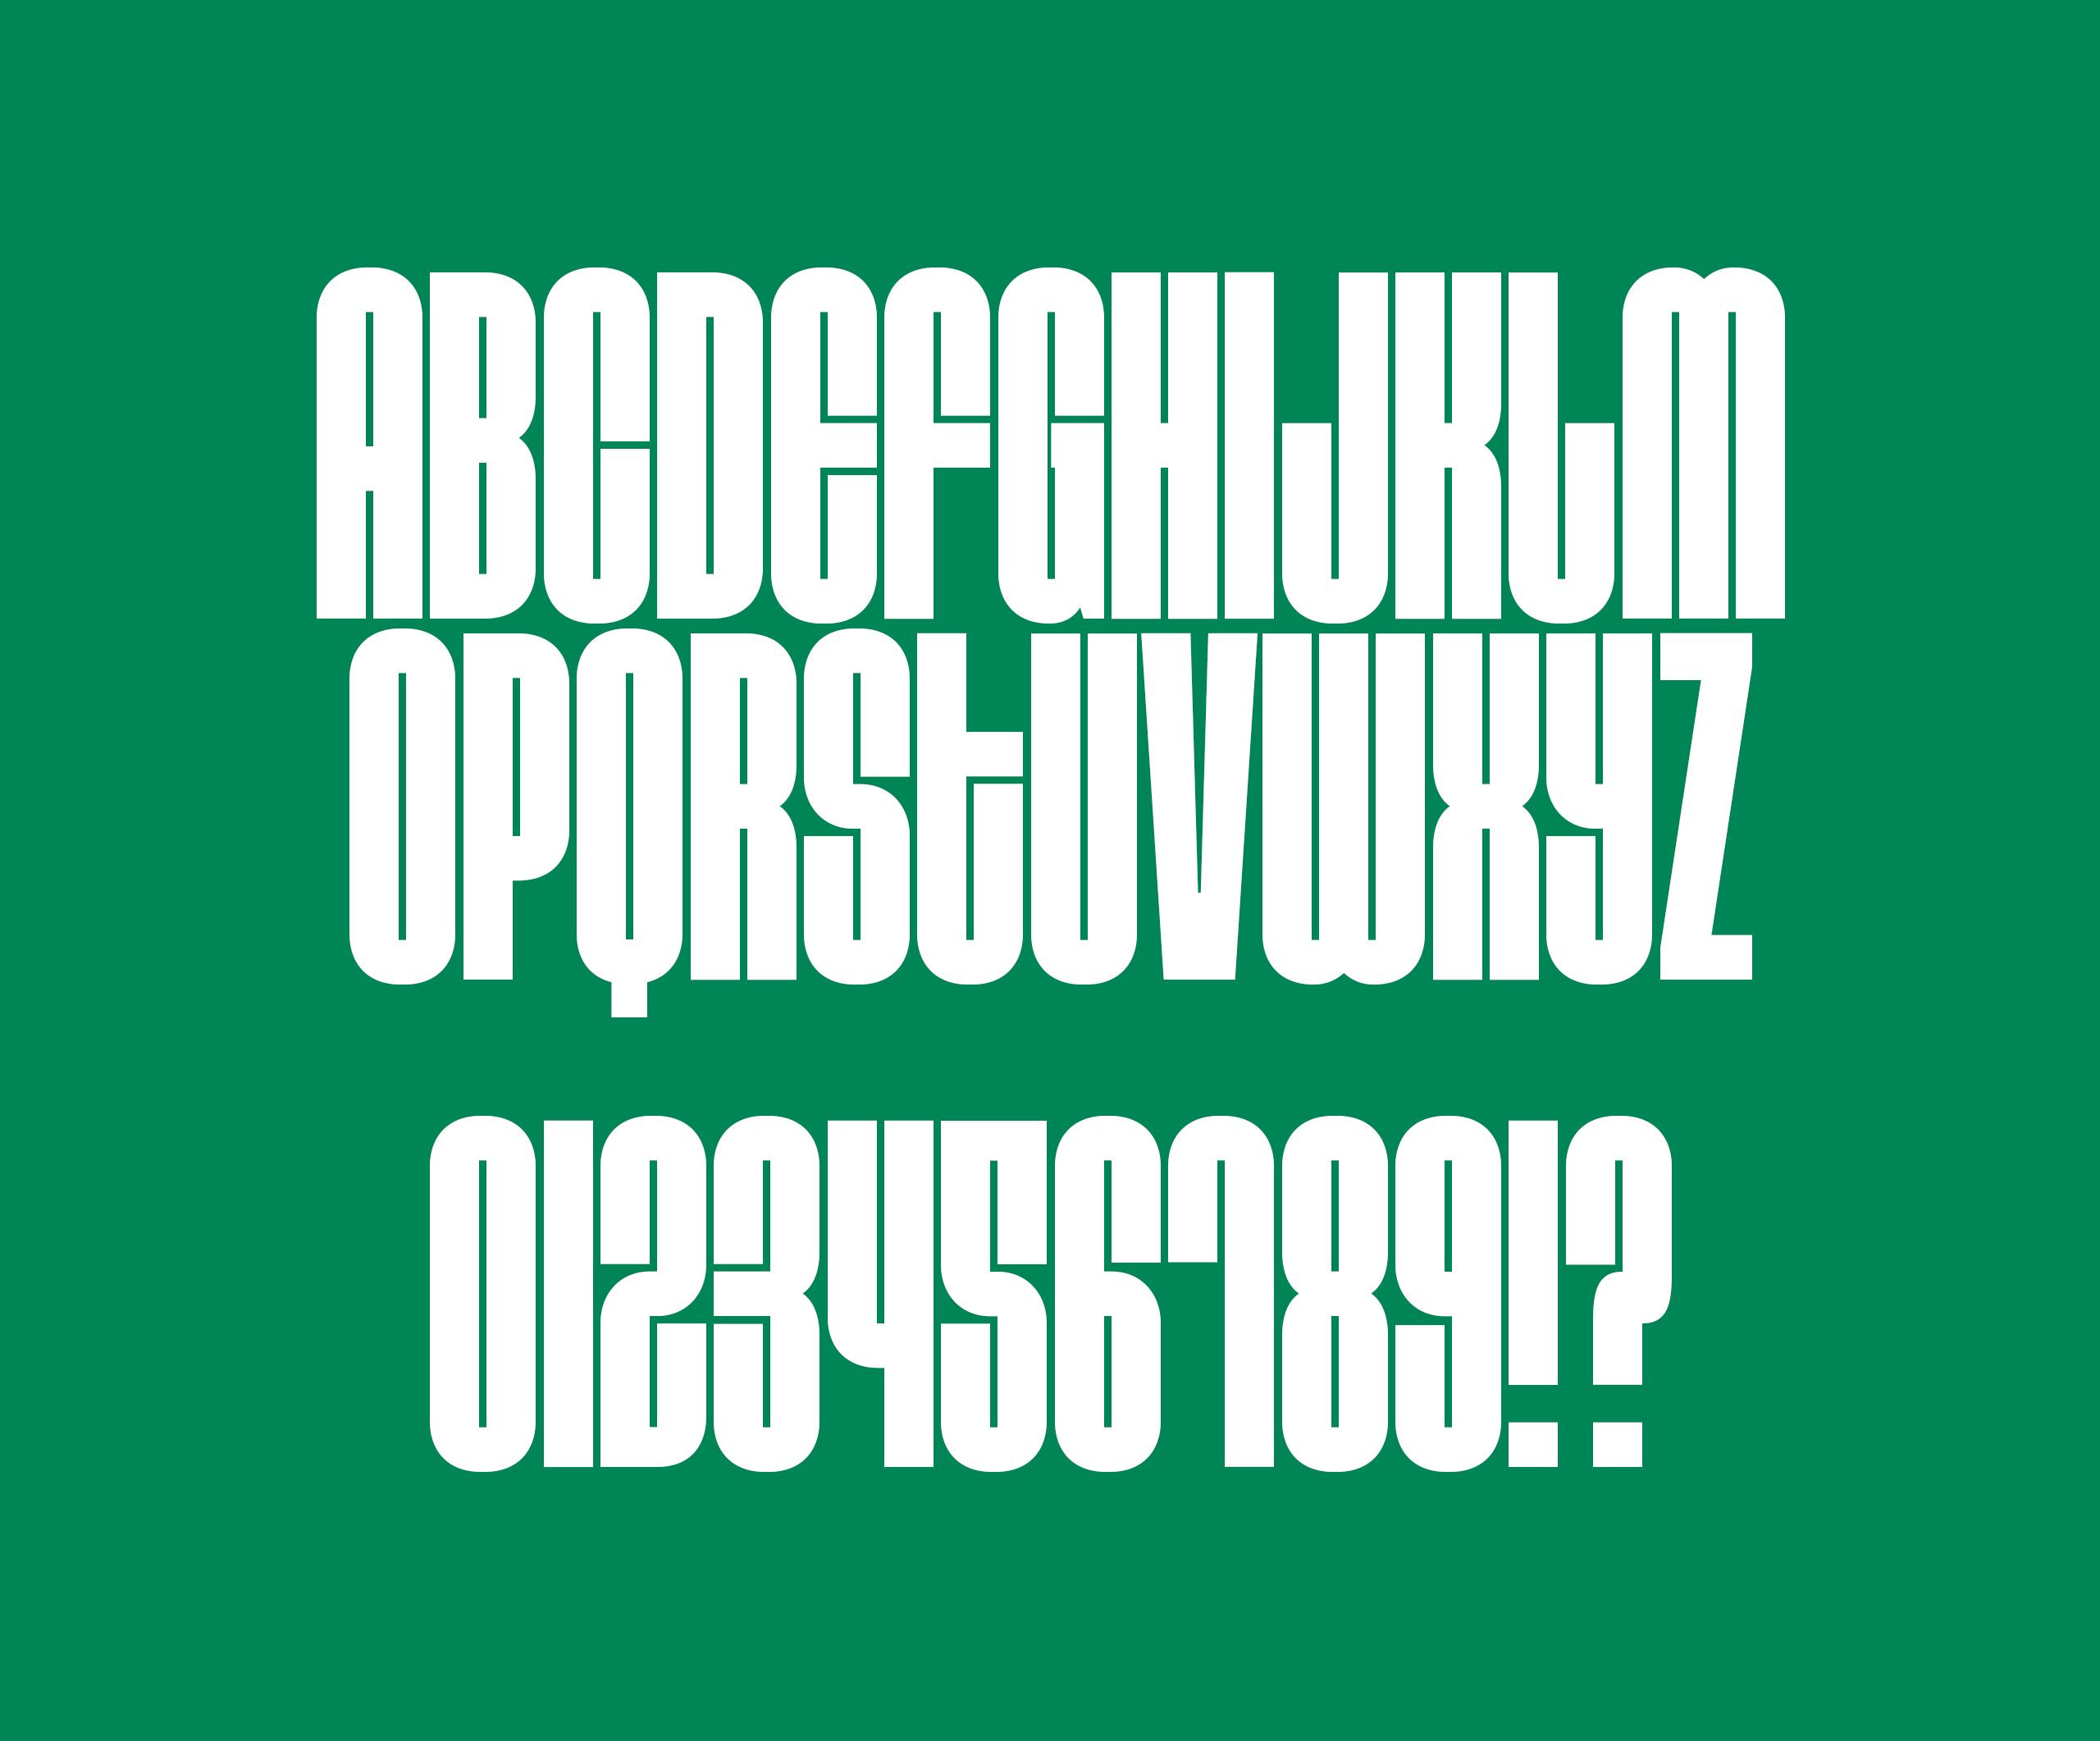 Do-fest custom typeface